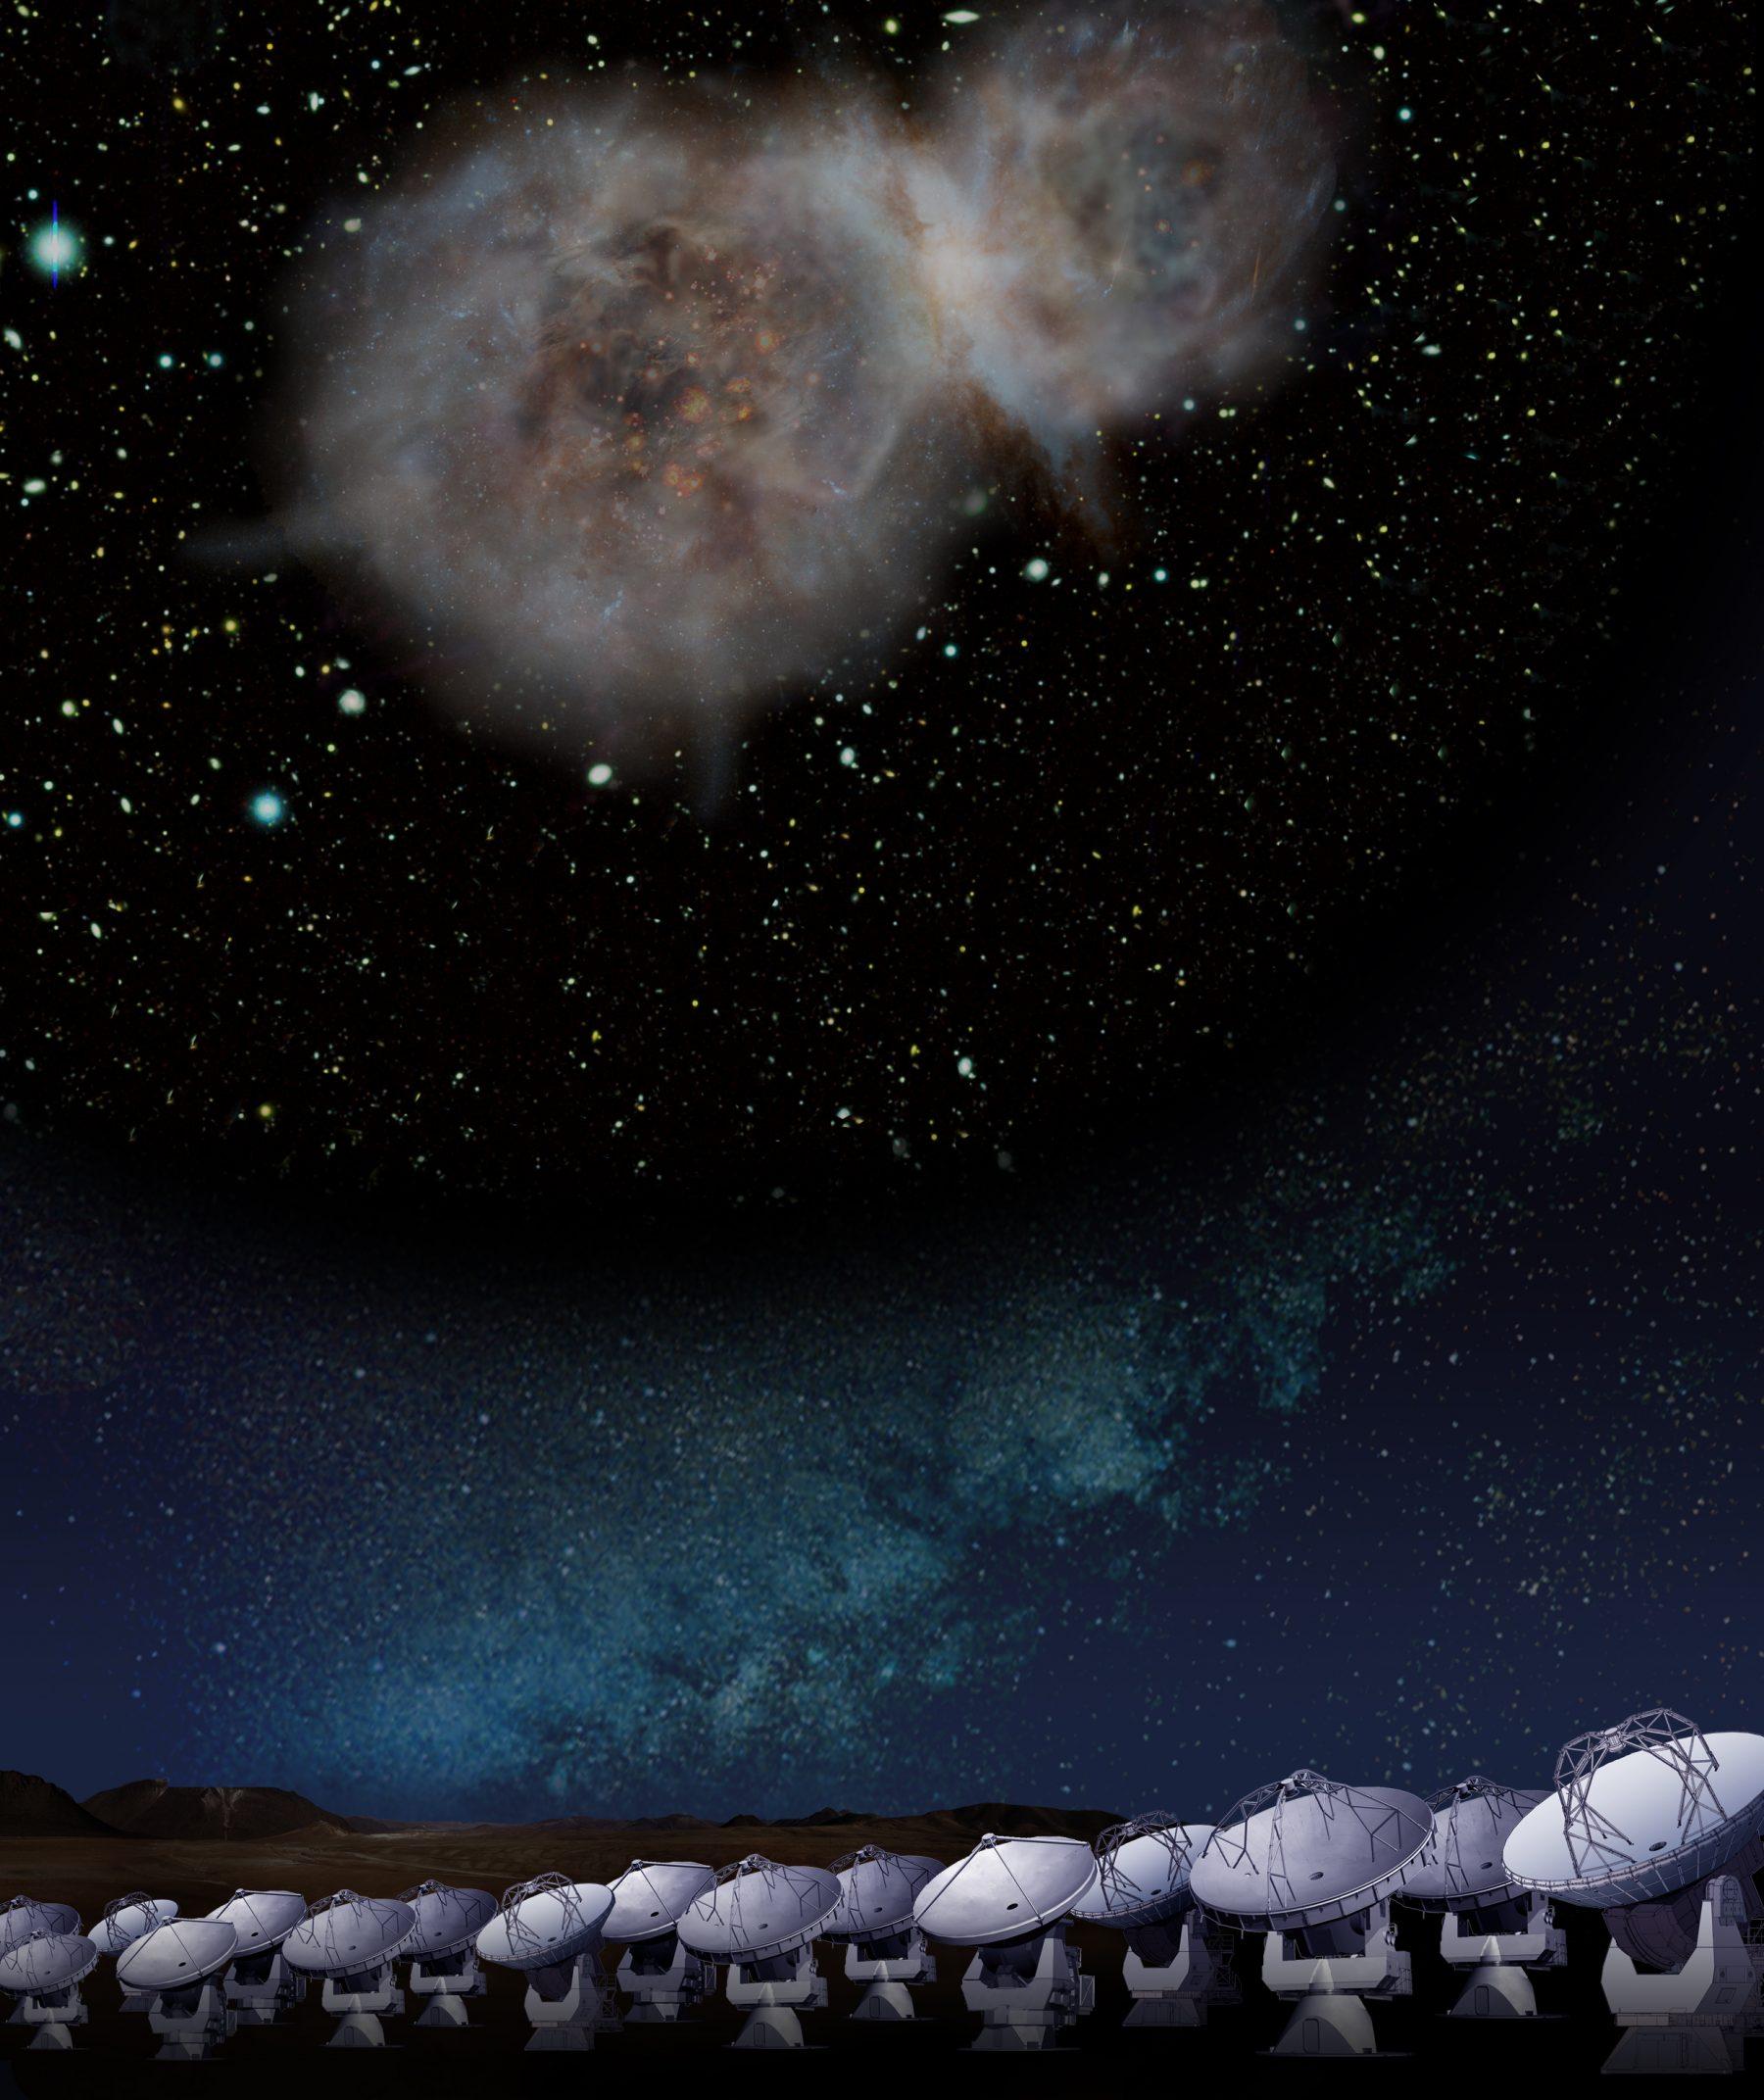 124億光年彼方の銀河の「成分調査」~アルマ望遠鏡で迫る進化途上の銀河の正体~ |概要